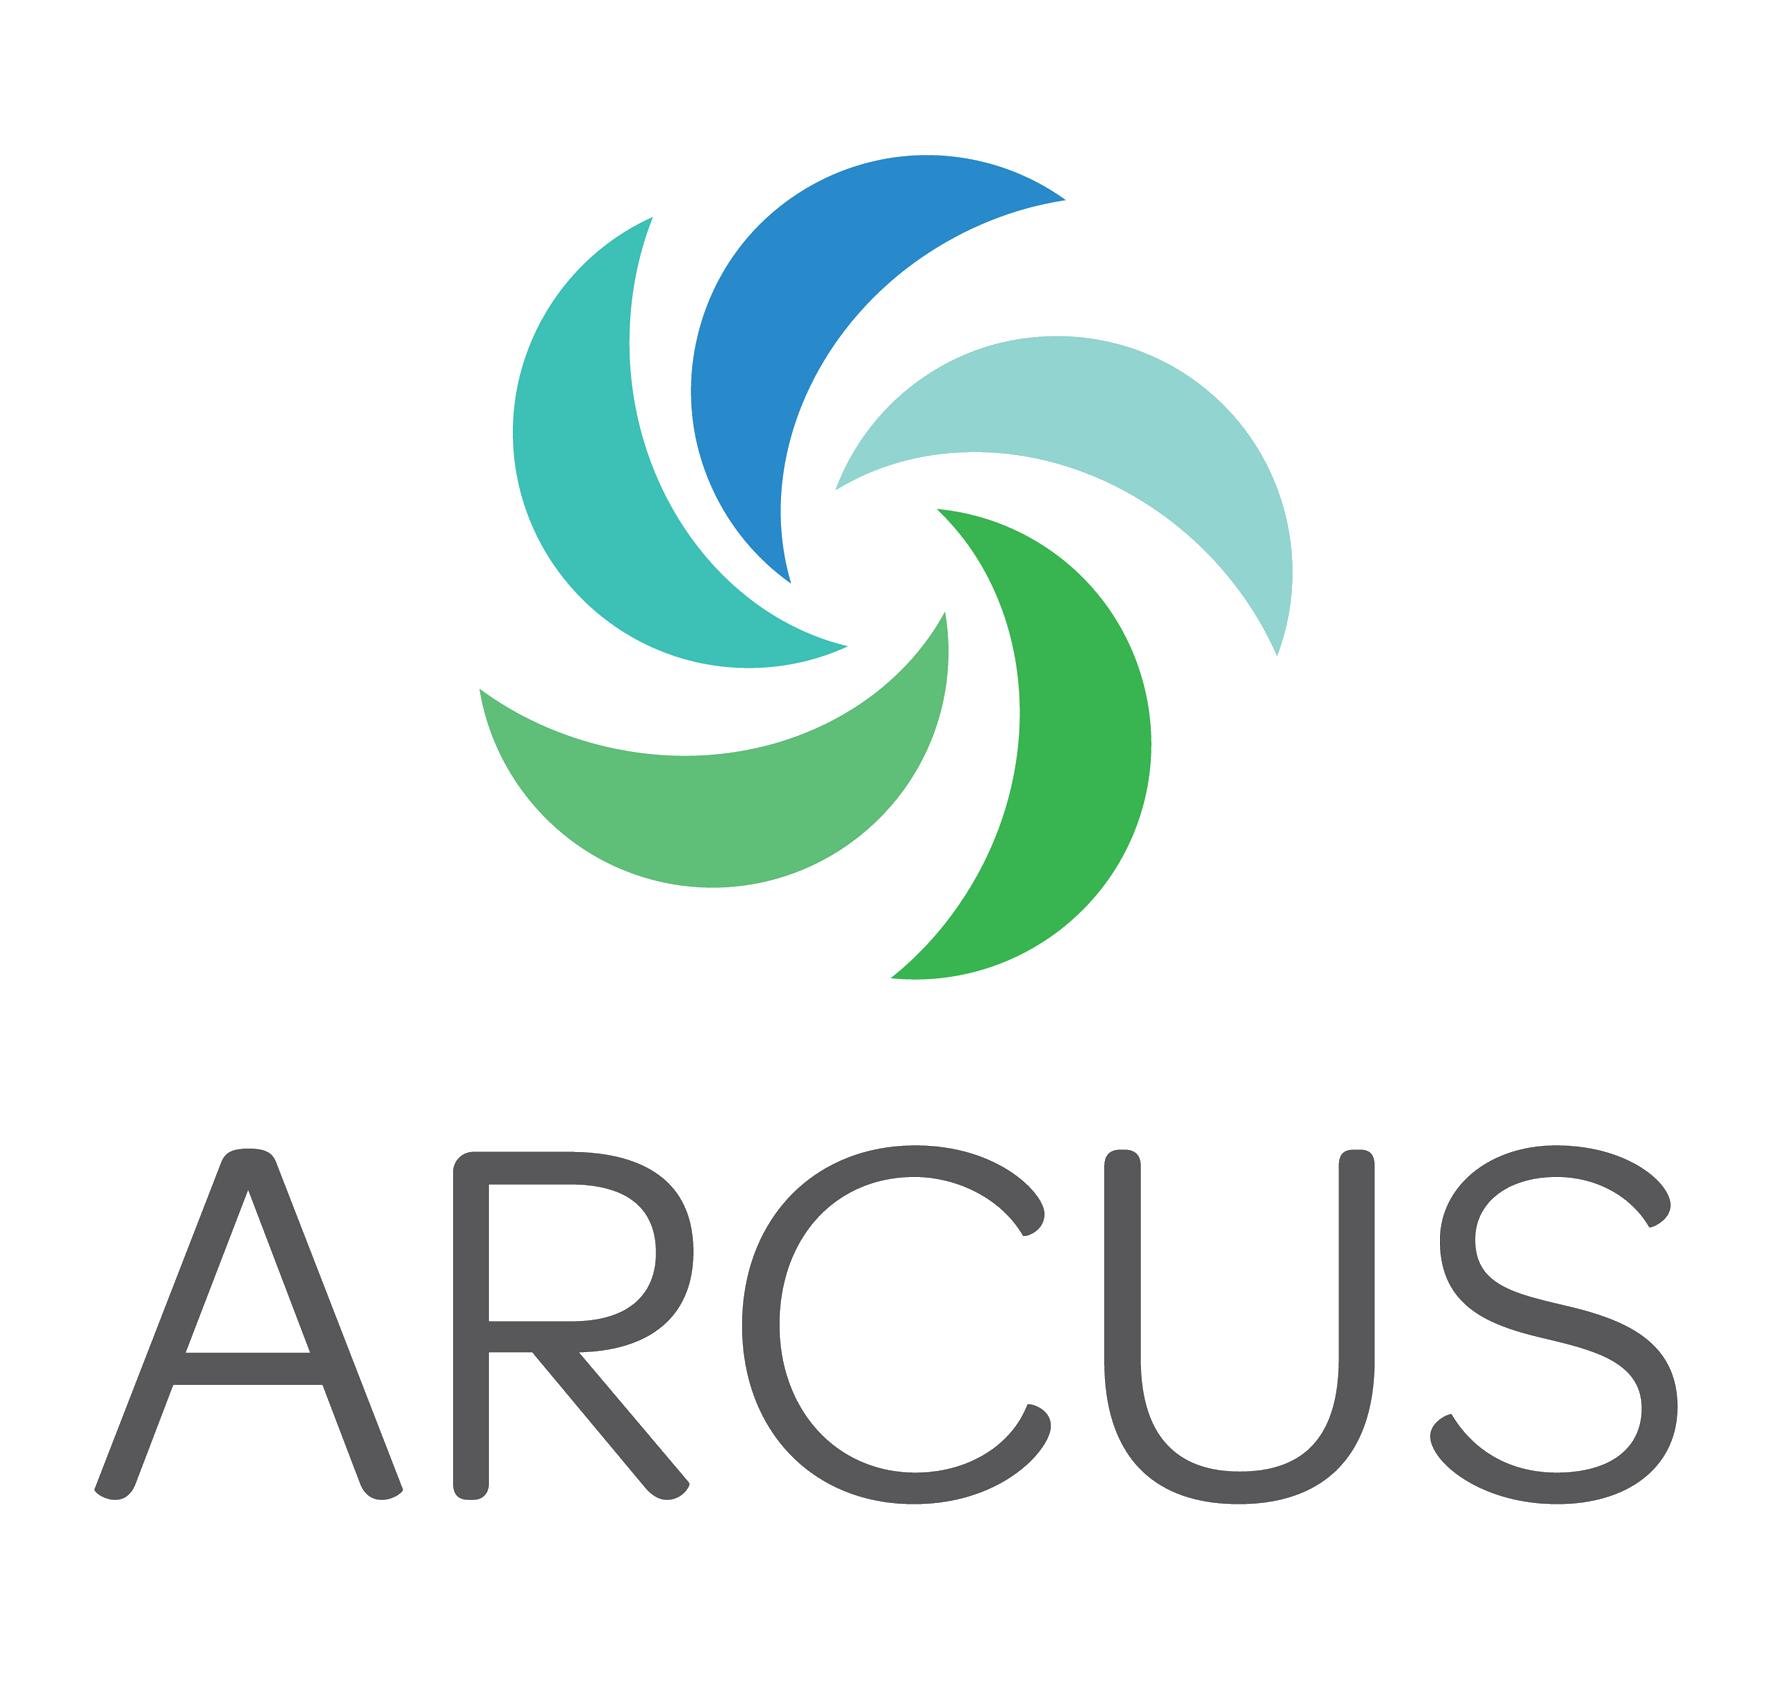 Arcus [Portrait] Logo Transparent